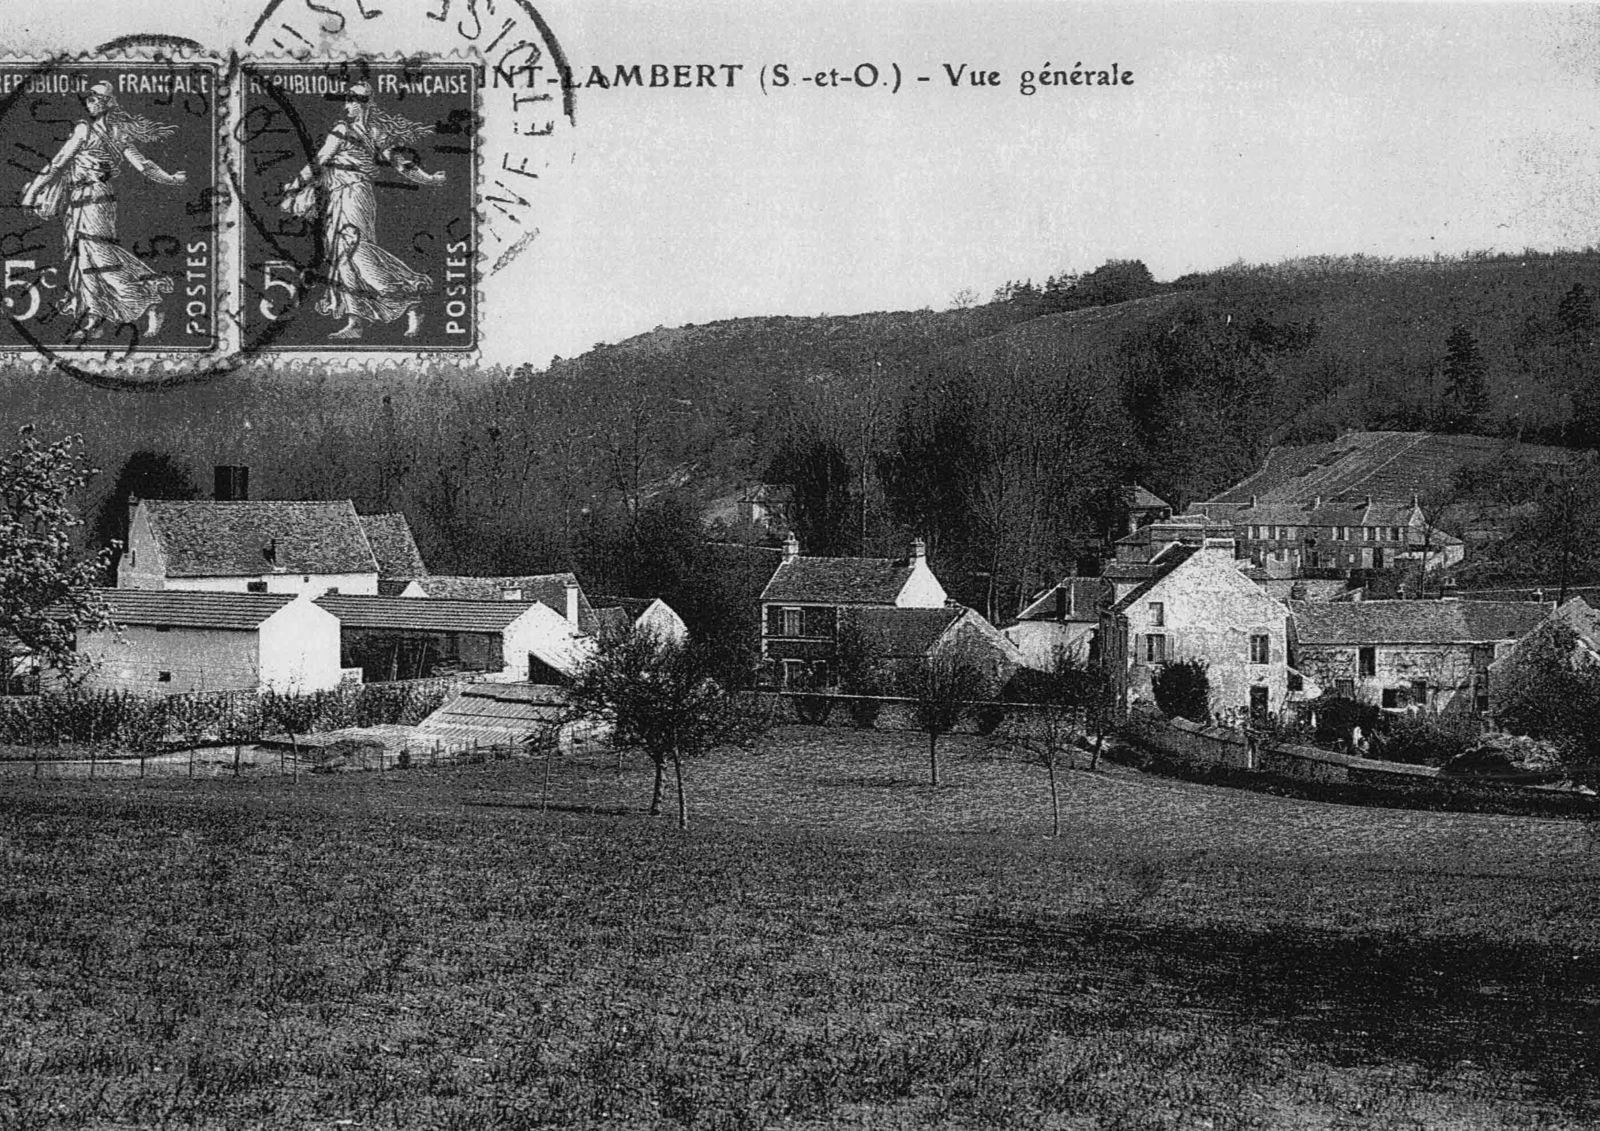 St-Lambert - Le Bas du Pays -  8 et 10 rue de la Fontaine - Mme Louise Legros villageoise du bas du Pays au 12 de la rue de la Fontaine.